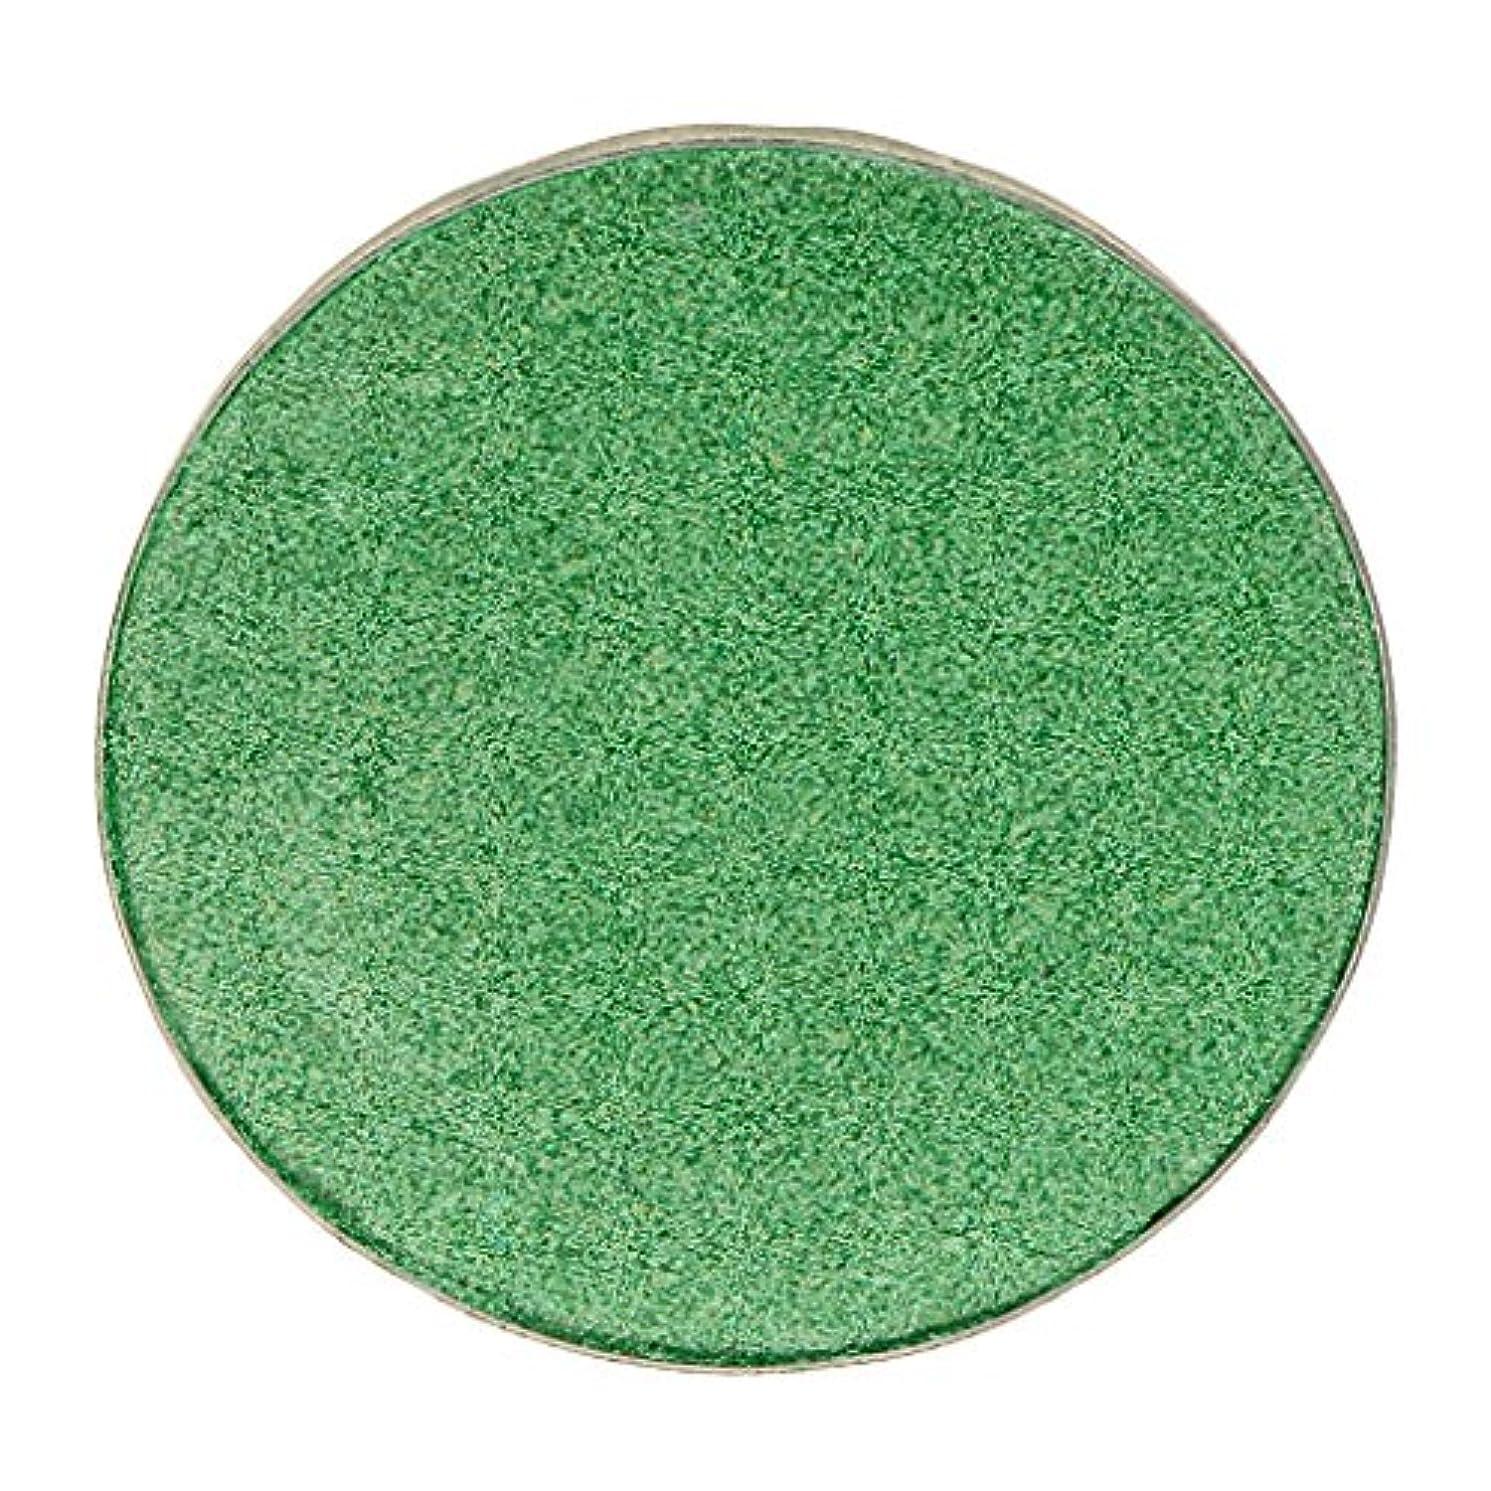 アーク分割記述する化粧品用 アイシャドウ ハイライター パレット マット シマー アイシャドーメイク 結婚式 パーティー 全5色 - #38グリーン